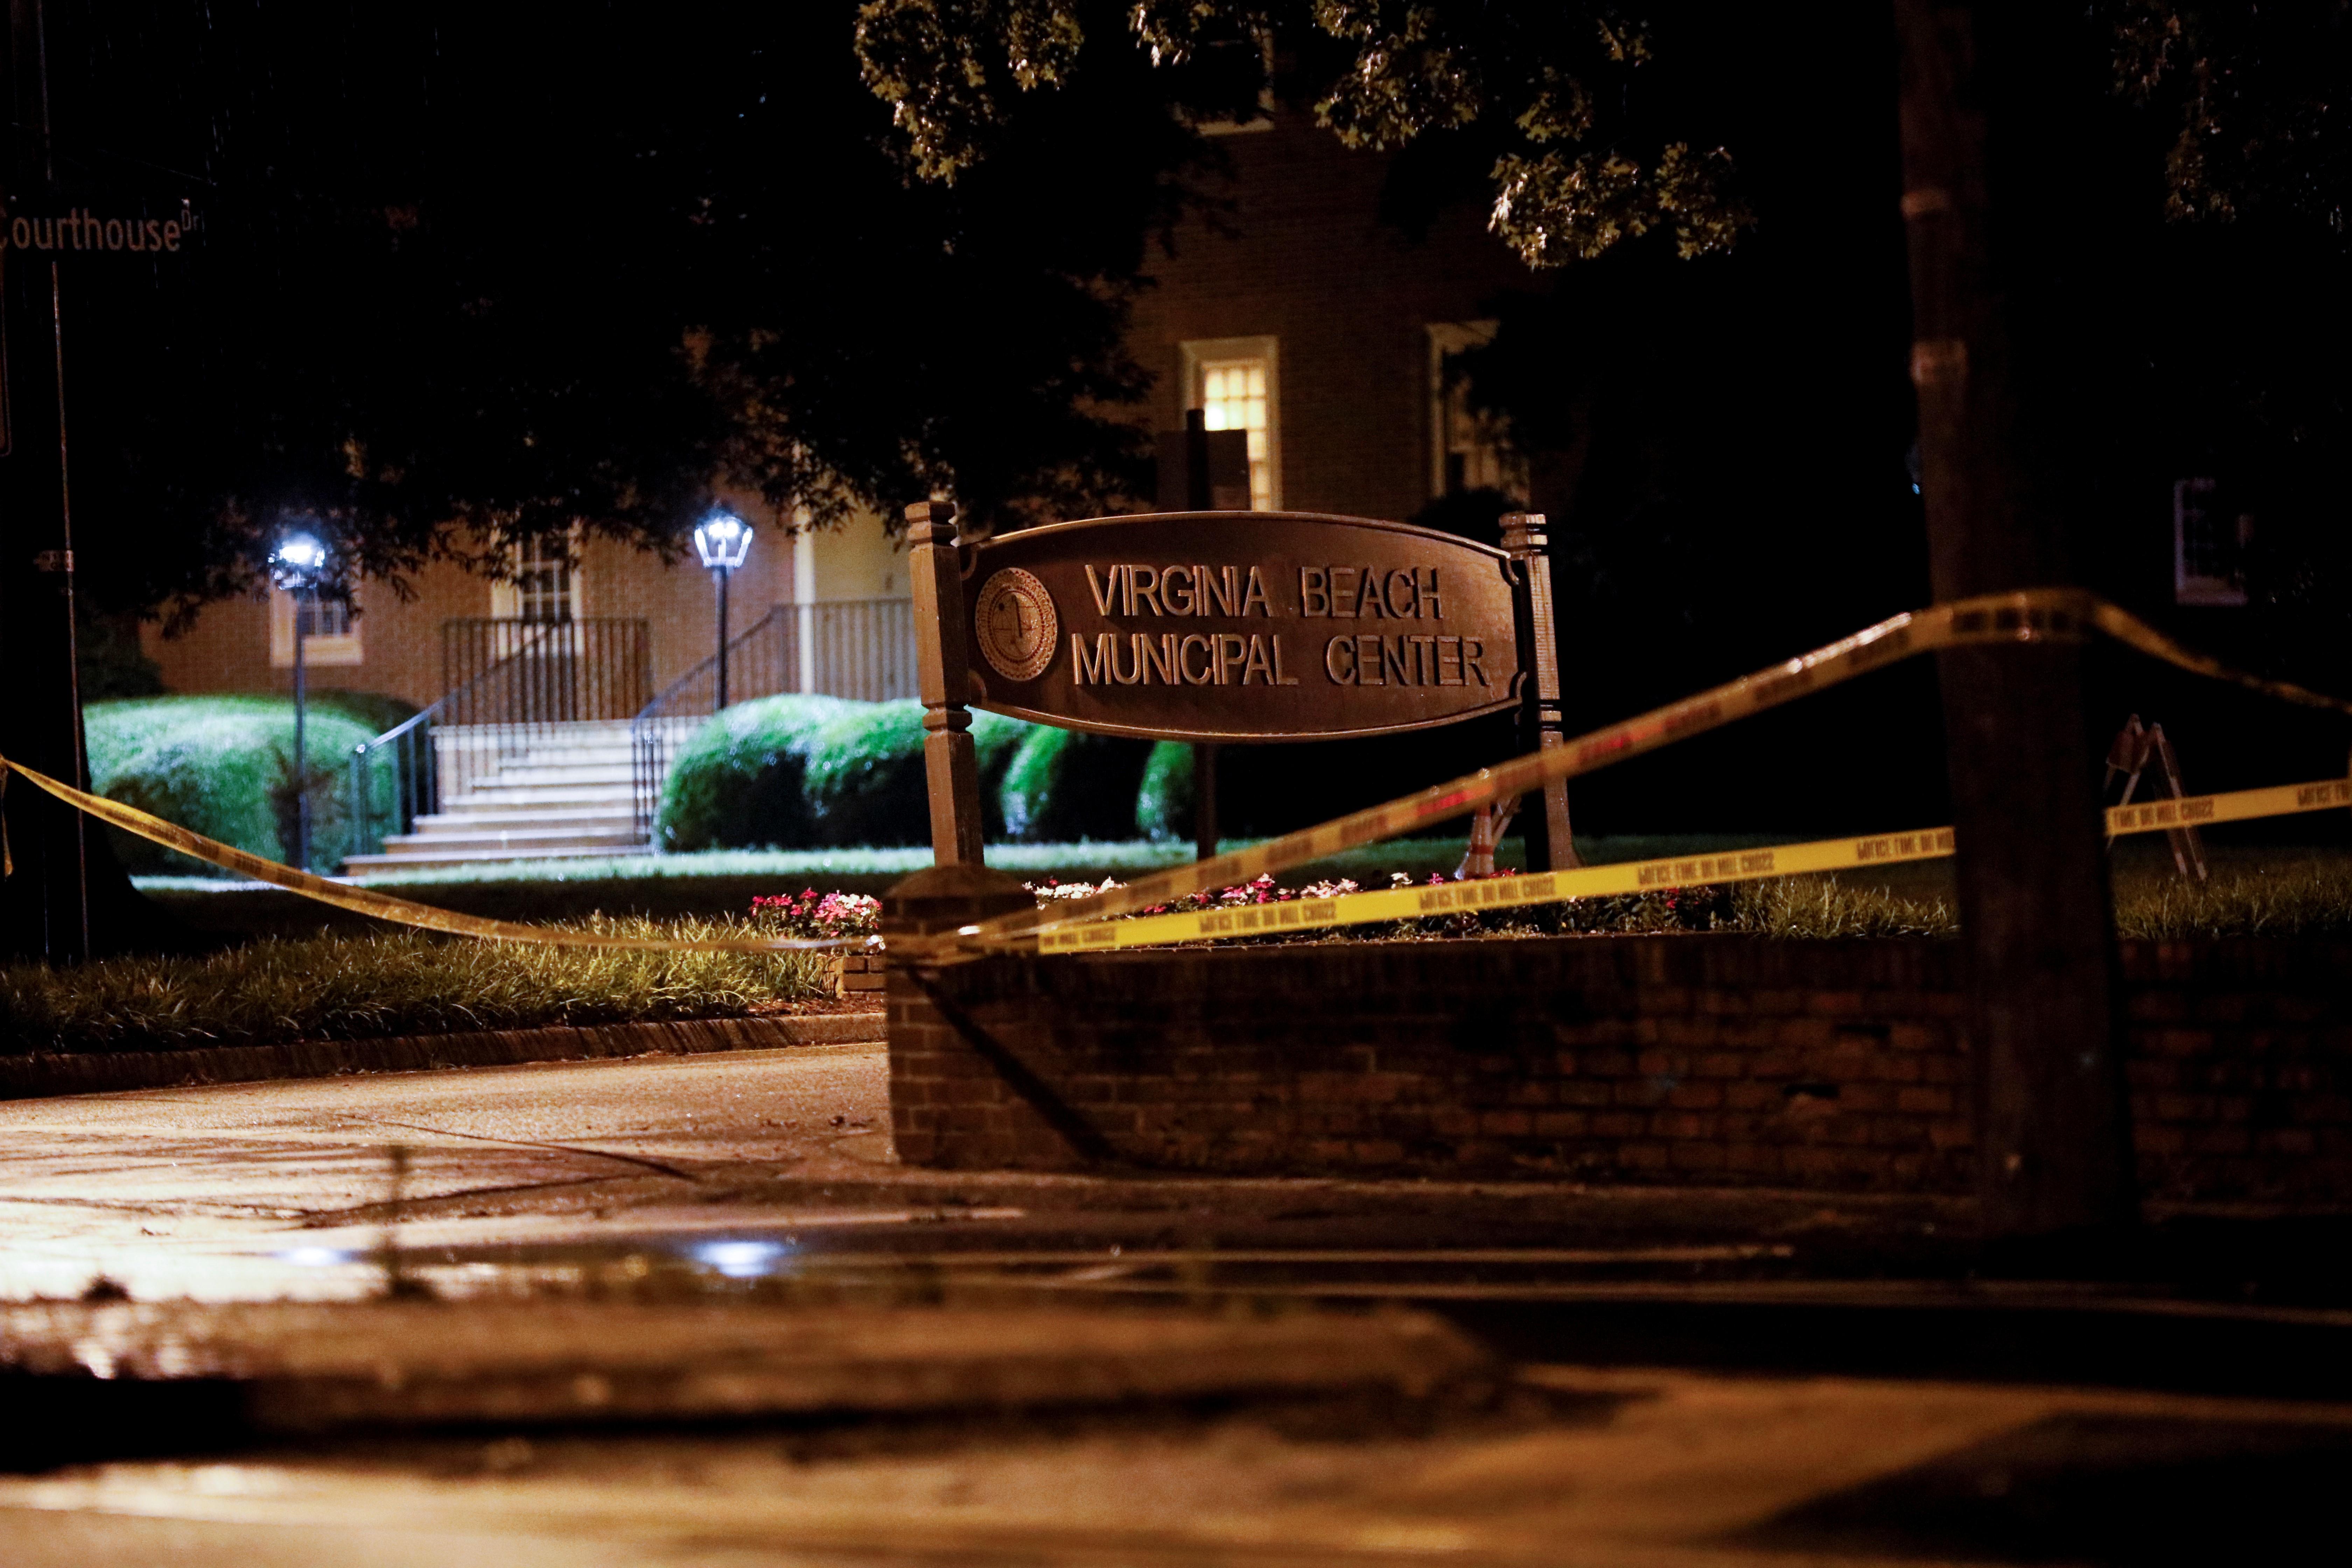 12 dead, 4 injured in Virginia shooting